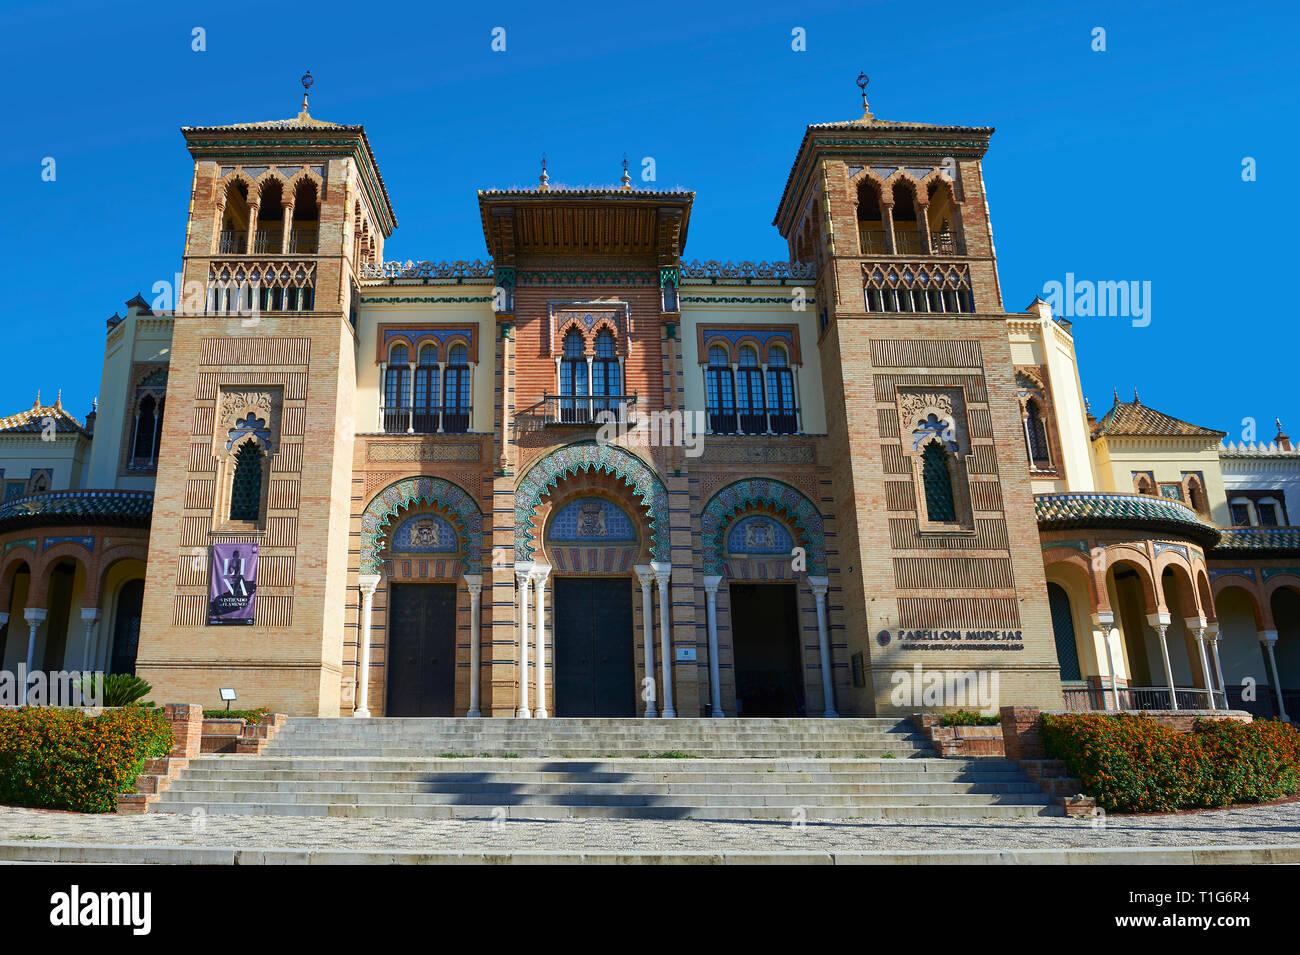 El Arabesque arquitectura del museo de artes y tradiciones en la plaza América, Sevilla España Imagen De Stock